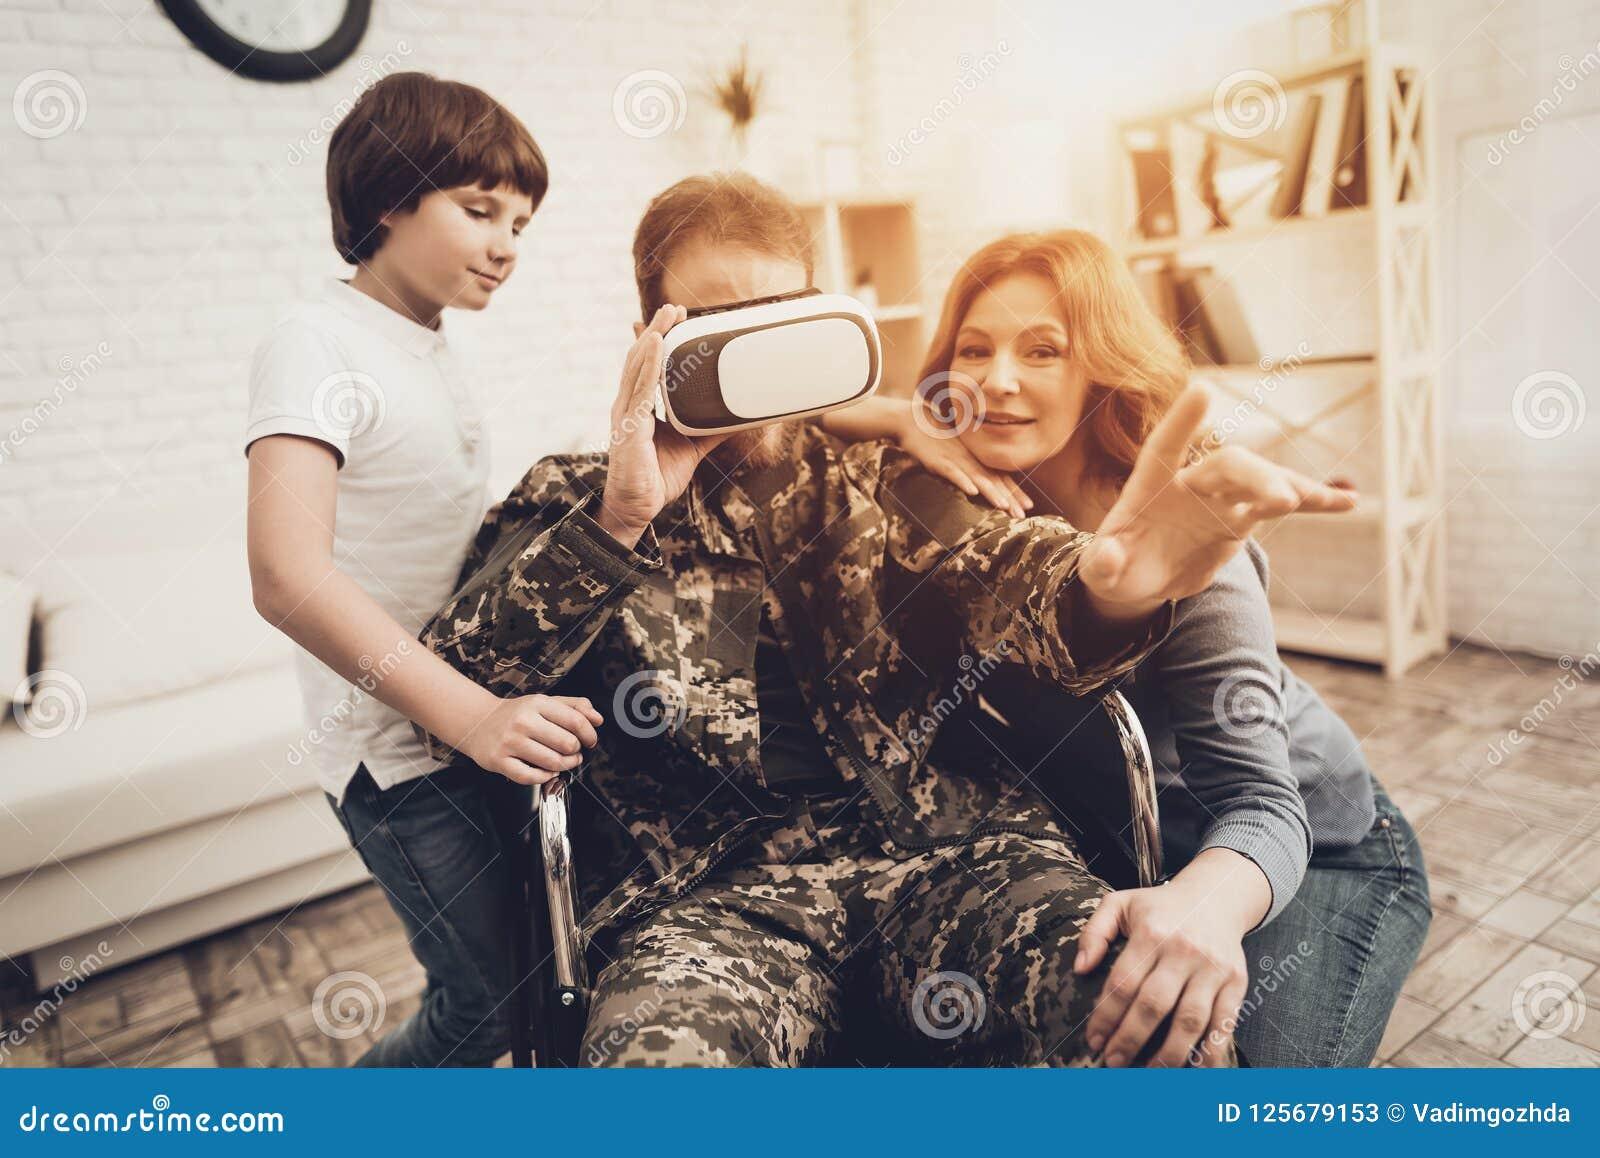 Gelähmter männlicher Soldat-Family Are Having-Spaß